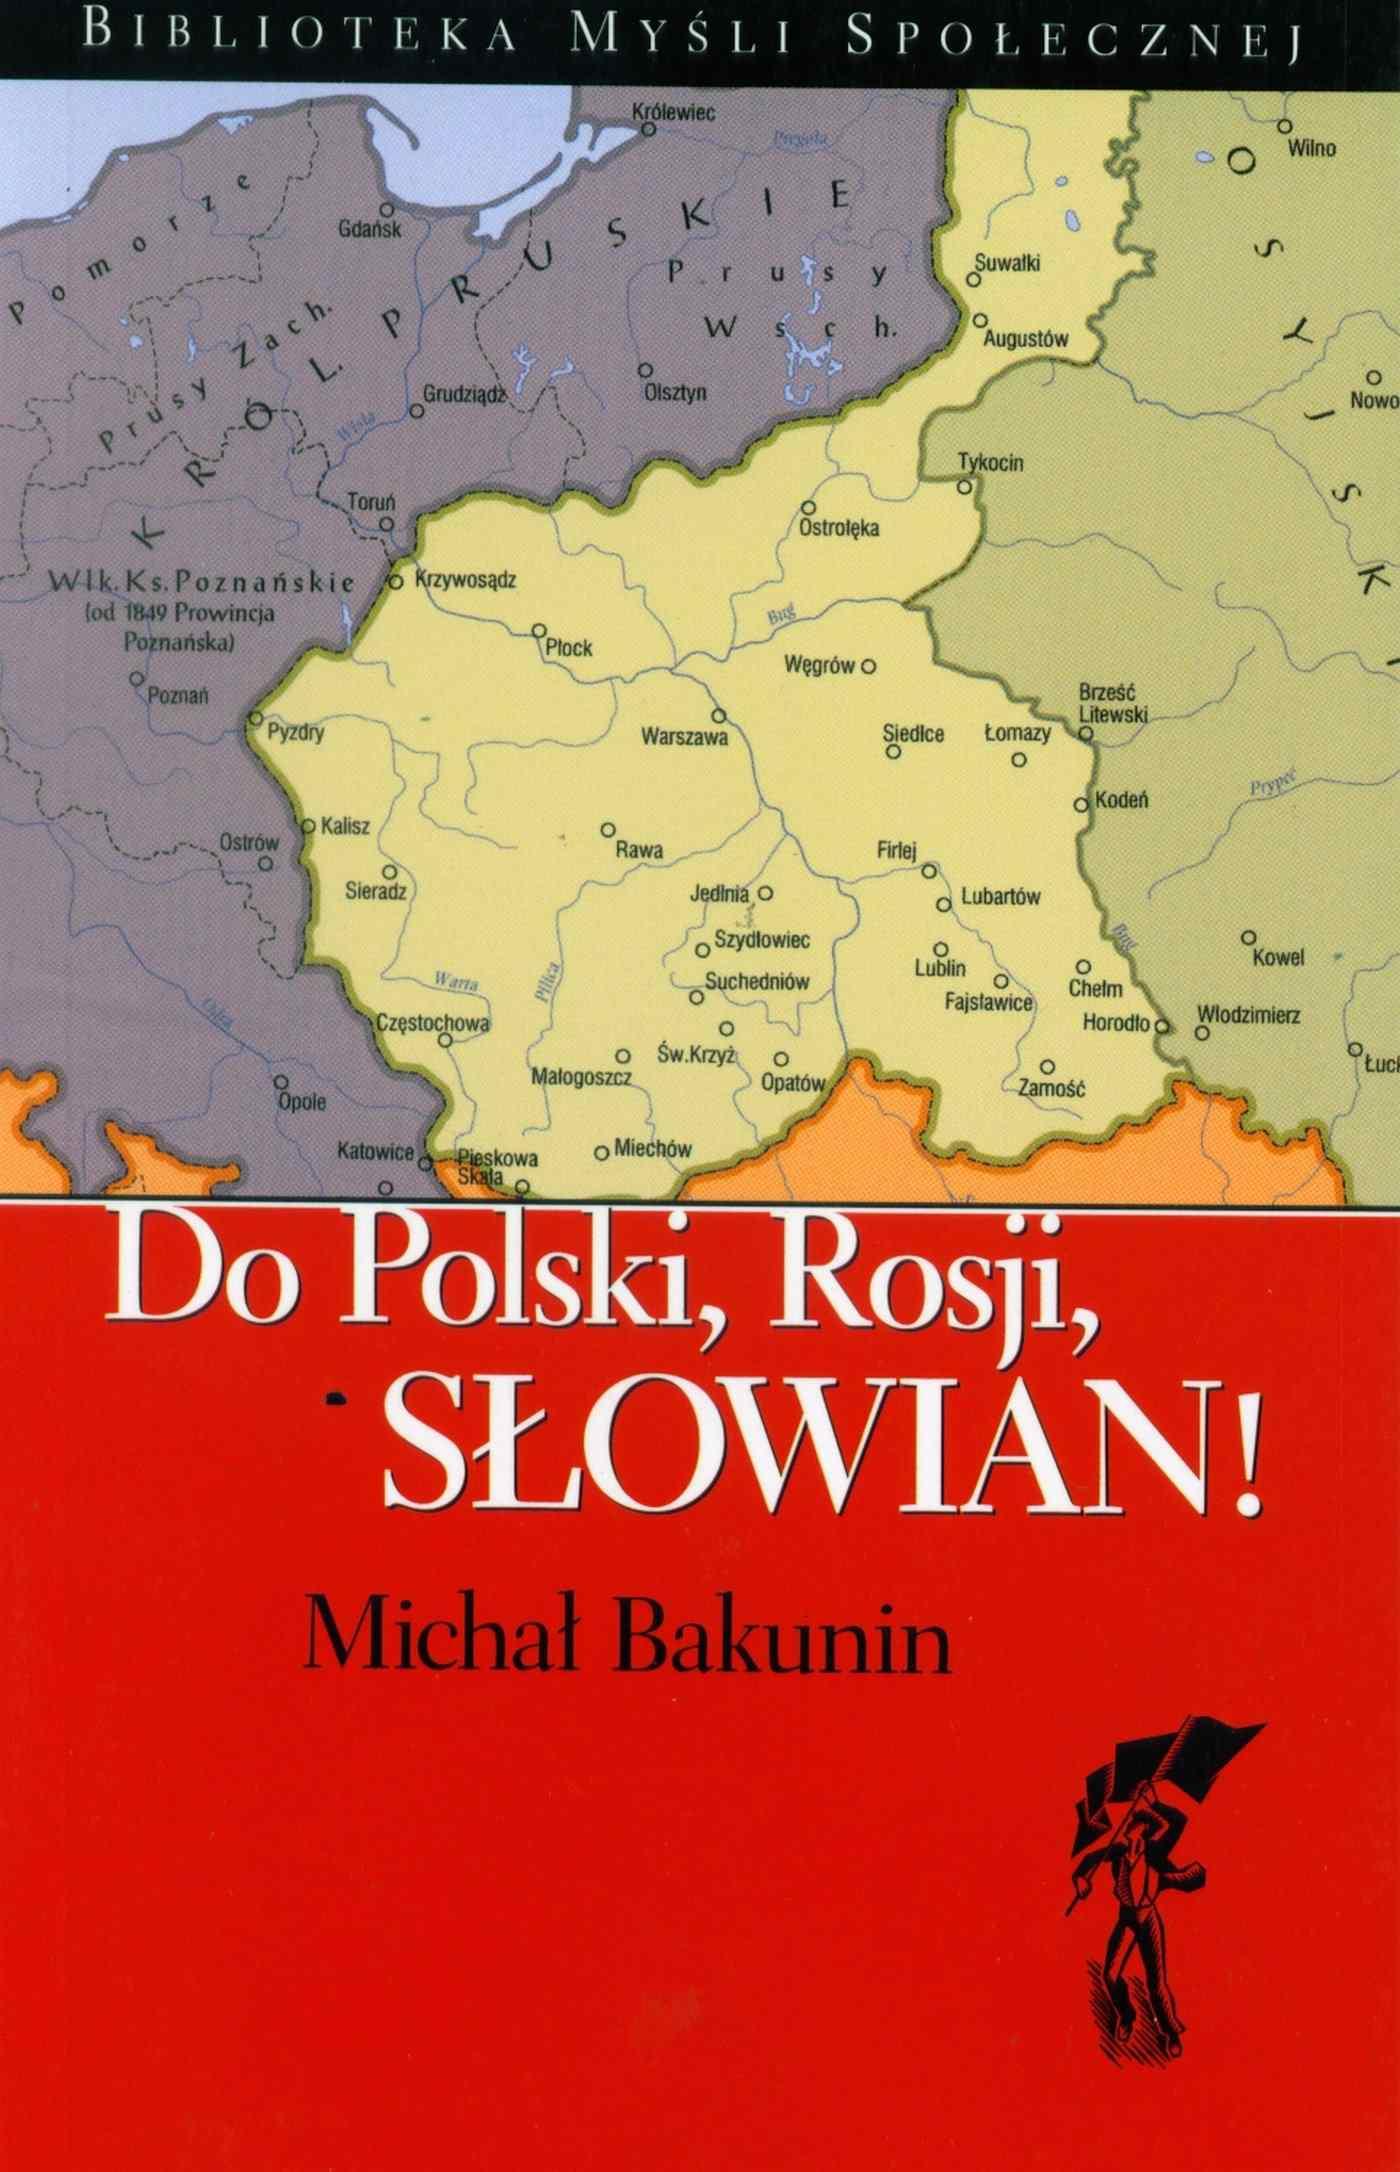 Do Polski, Rosji, Słowian! - Ebook (Książka EPUB) do pobrania w formacie EPUB